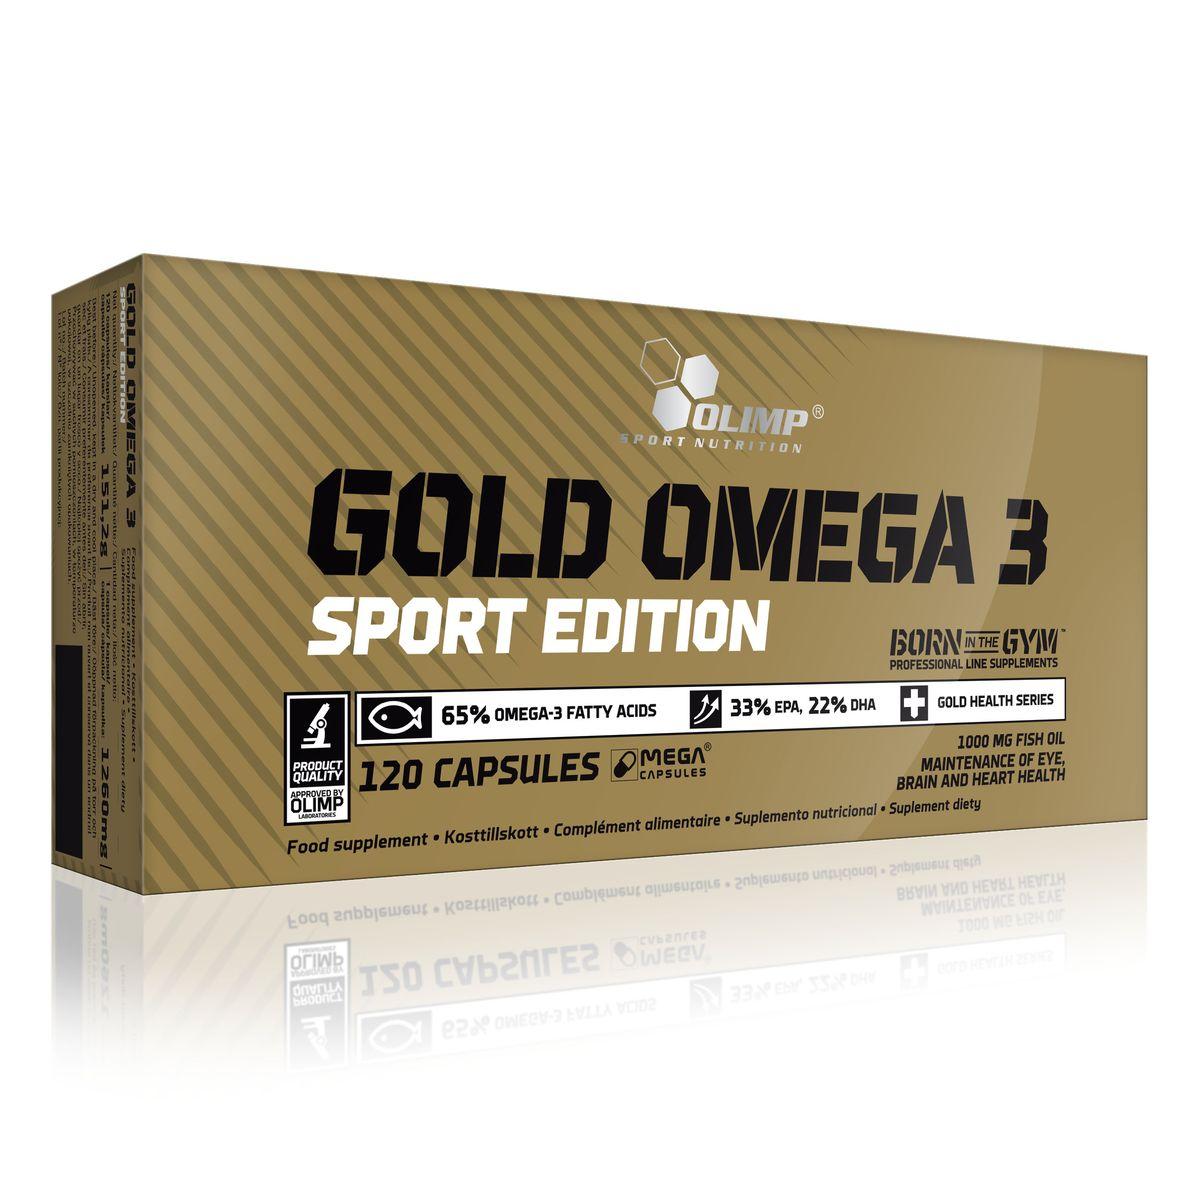 OLIMP ГОЛД Омега - 3 Спорт Эдишн 1000мг, 120 капсO30581Gold Omega 3 Sport Edition 3 от Olimp состоит из смеси рыбьего жира, богатыми EPA и DHA (эйкозапентаеновая и докозагексаеновая кислоты). Эти жирные кислоты очень полезны для организма, они являются незаменимыми, а значит должны поступать извне с пищей. Этот комплекс прежде всего играет огромную роль для работы сердечно-сосудистой системы и для работы мозга.Рекомендации по применению:Принимать по одной капсуле в день. Данный продукт рекомендуется для взрослых в качестве пищевой добавки. Не превышать рекомендуемую суточную норму. Хранить в недоступном для детей месте.